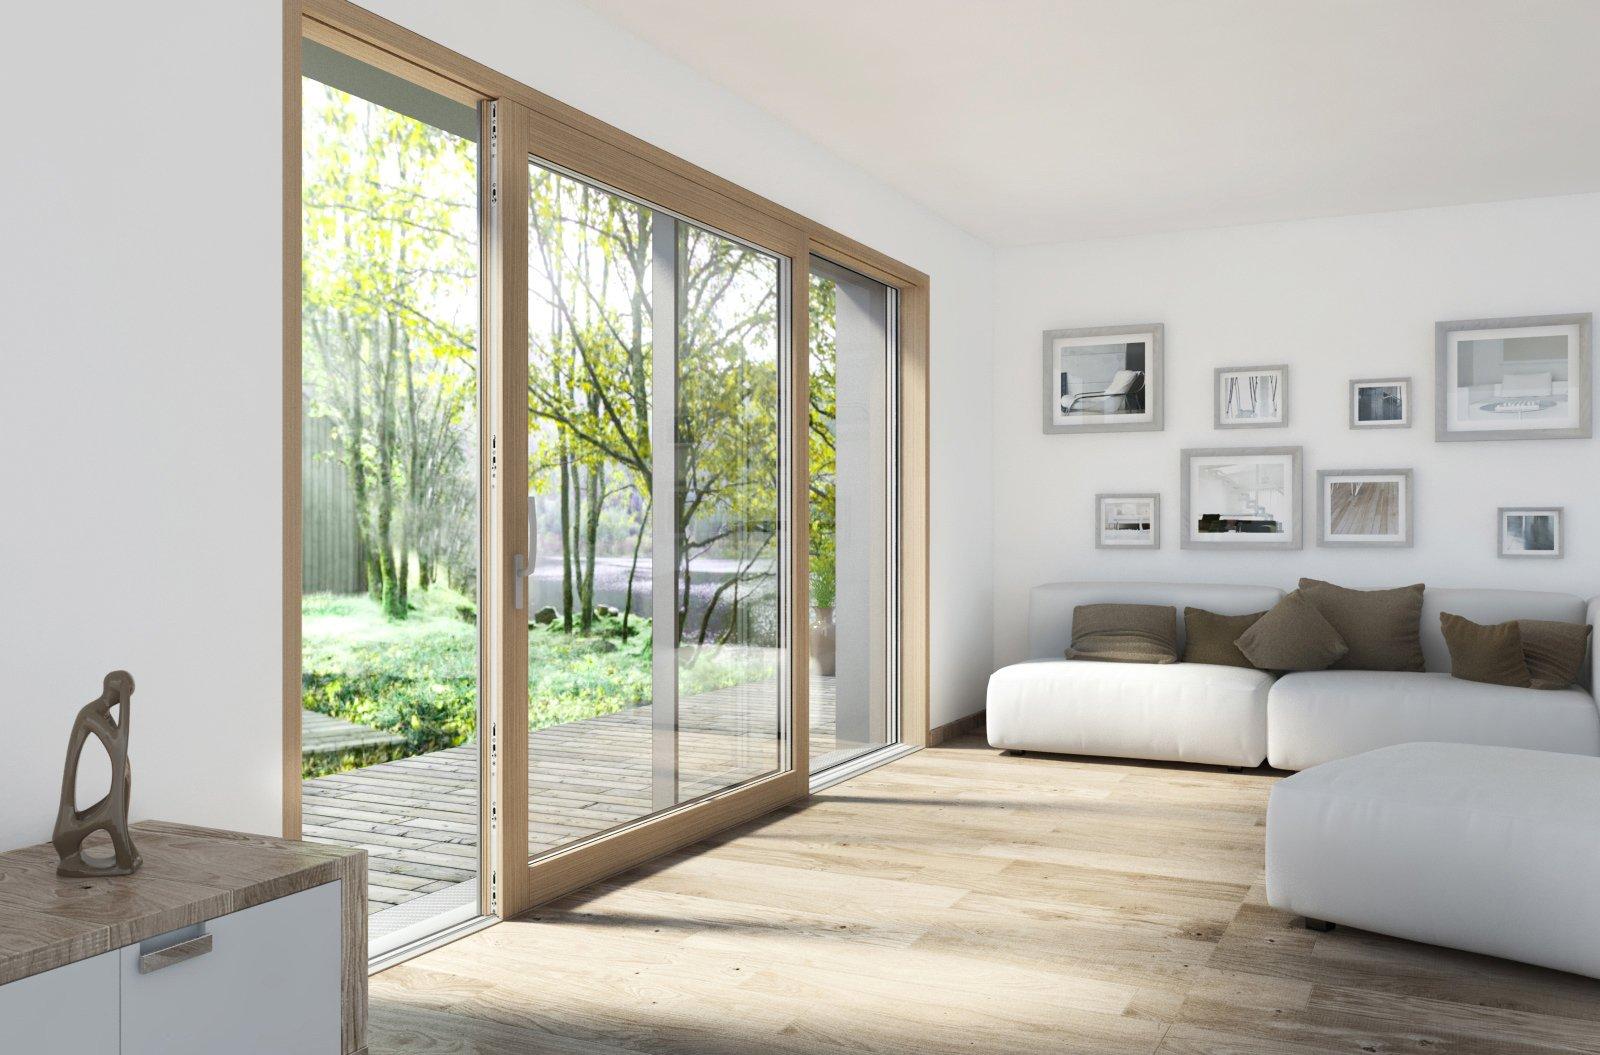 Portefinestre scorrevoli le performance di alzanti e traslanti cose di casa - La finestra sul giardino ...